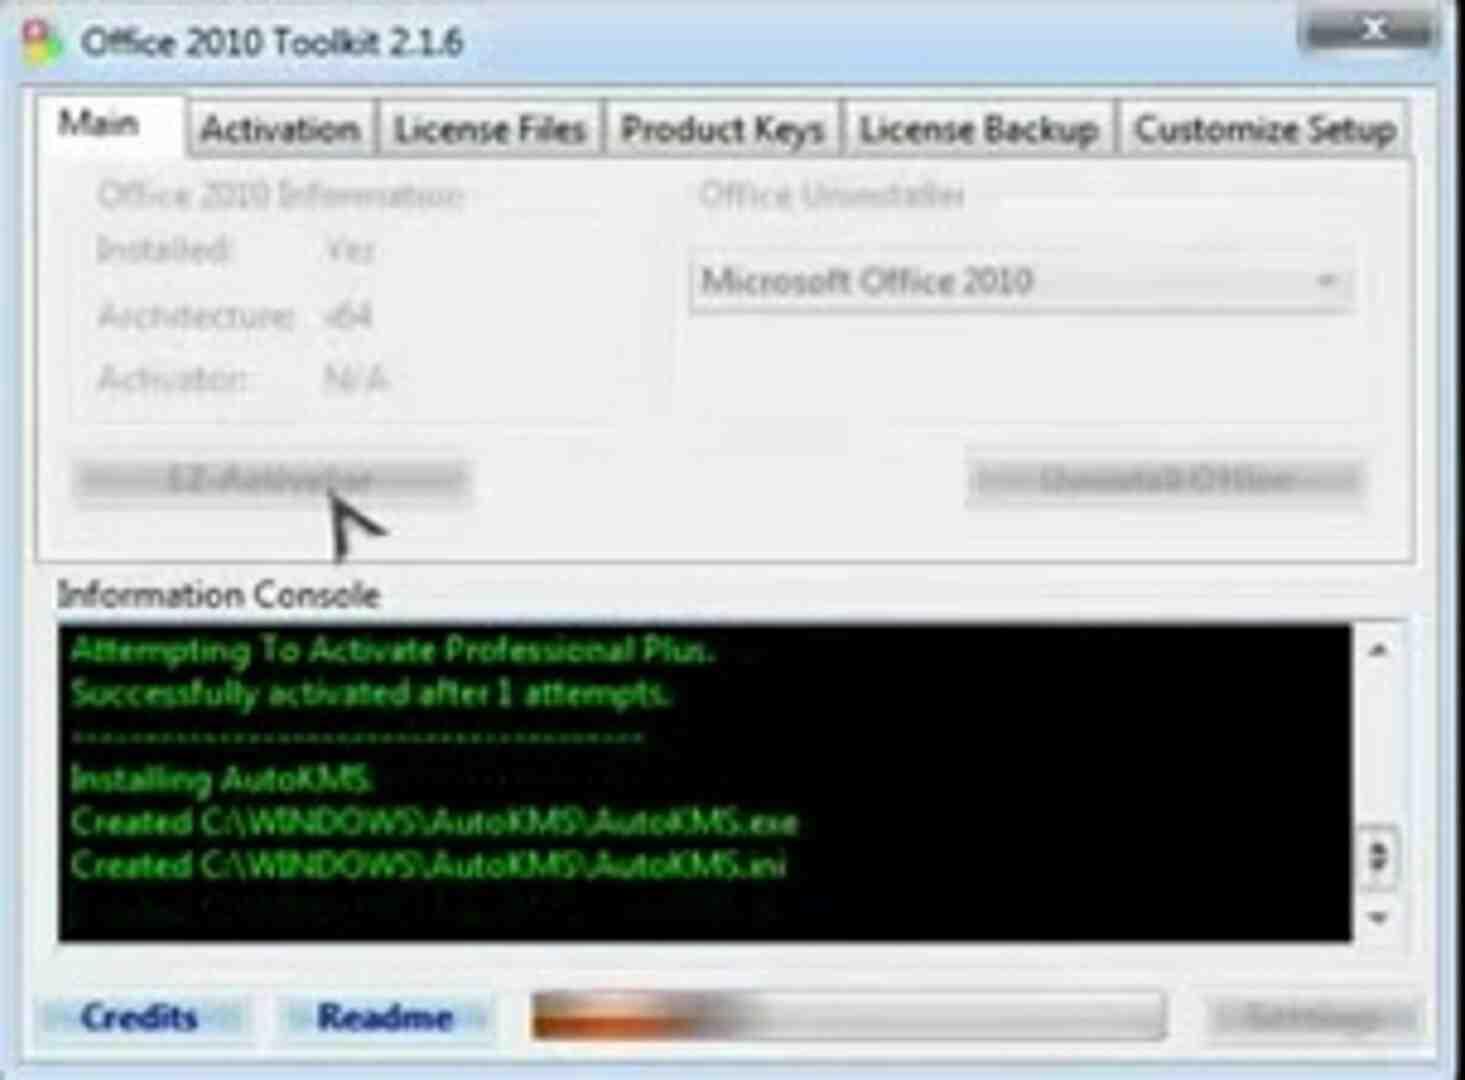 Comment savoir si Microsoft Office 2010 est activé?